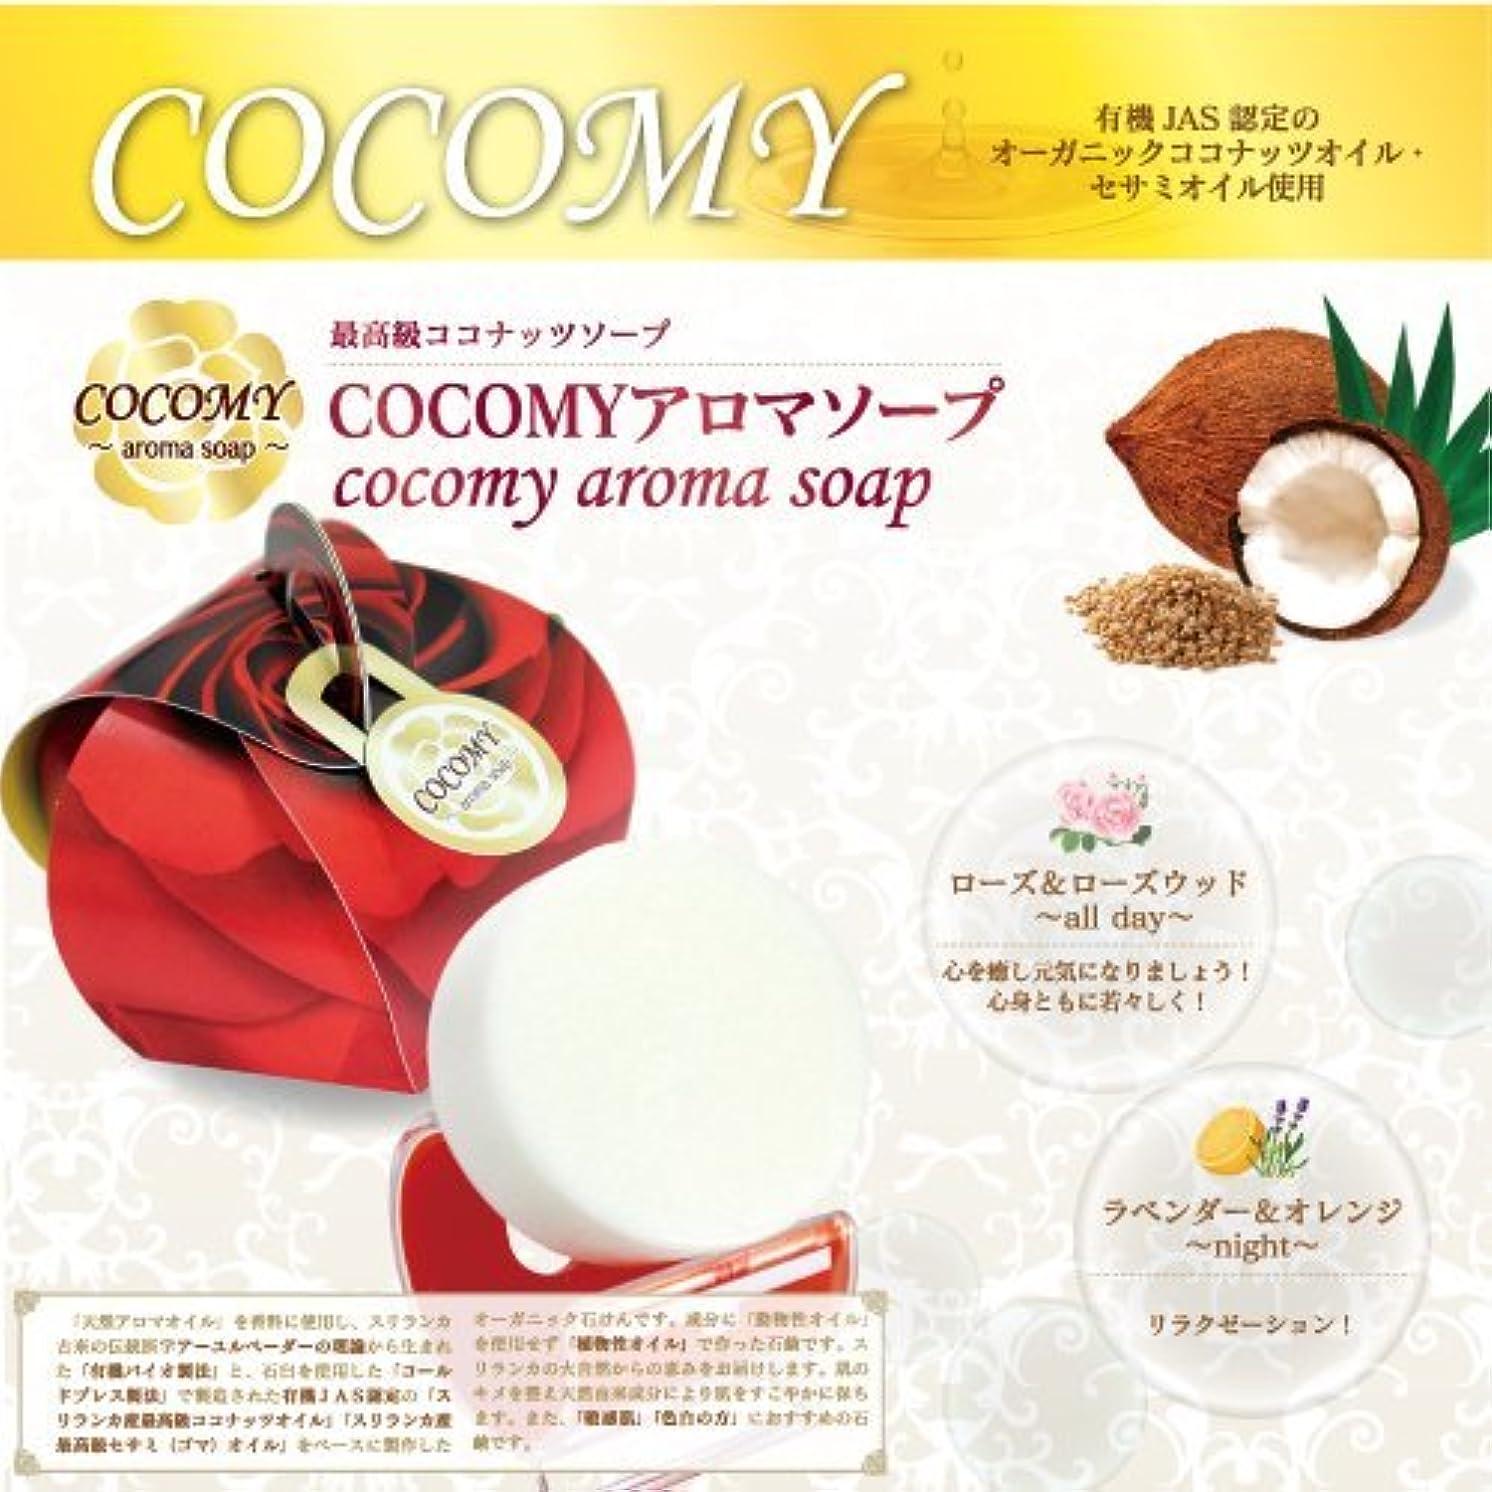 マスタードサワーワーディアンケースCOCOMY aromaソープ 2個セット (ラベンダー&オレンジ)(ローズ&ローズウッド)40g×各1